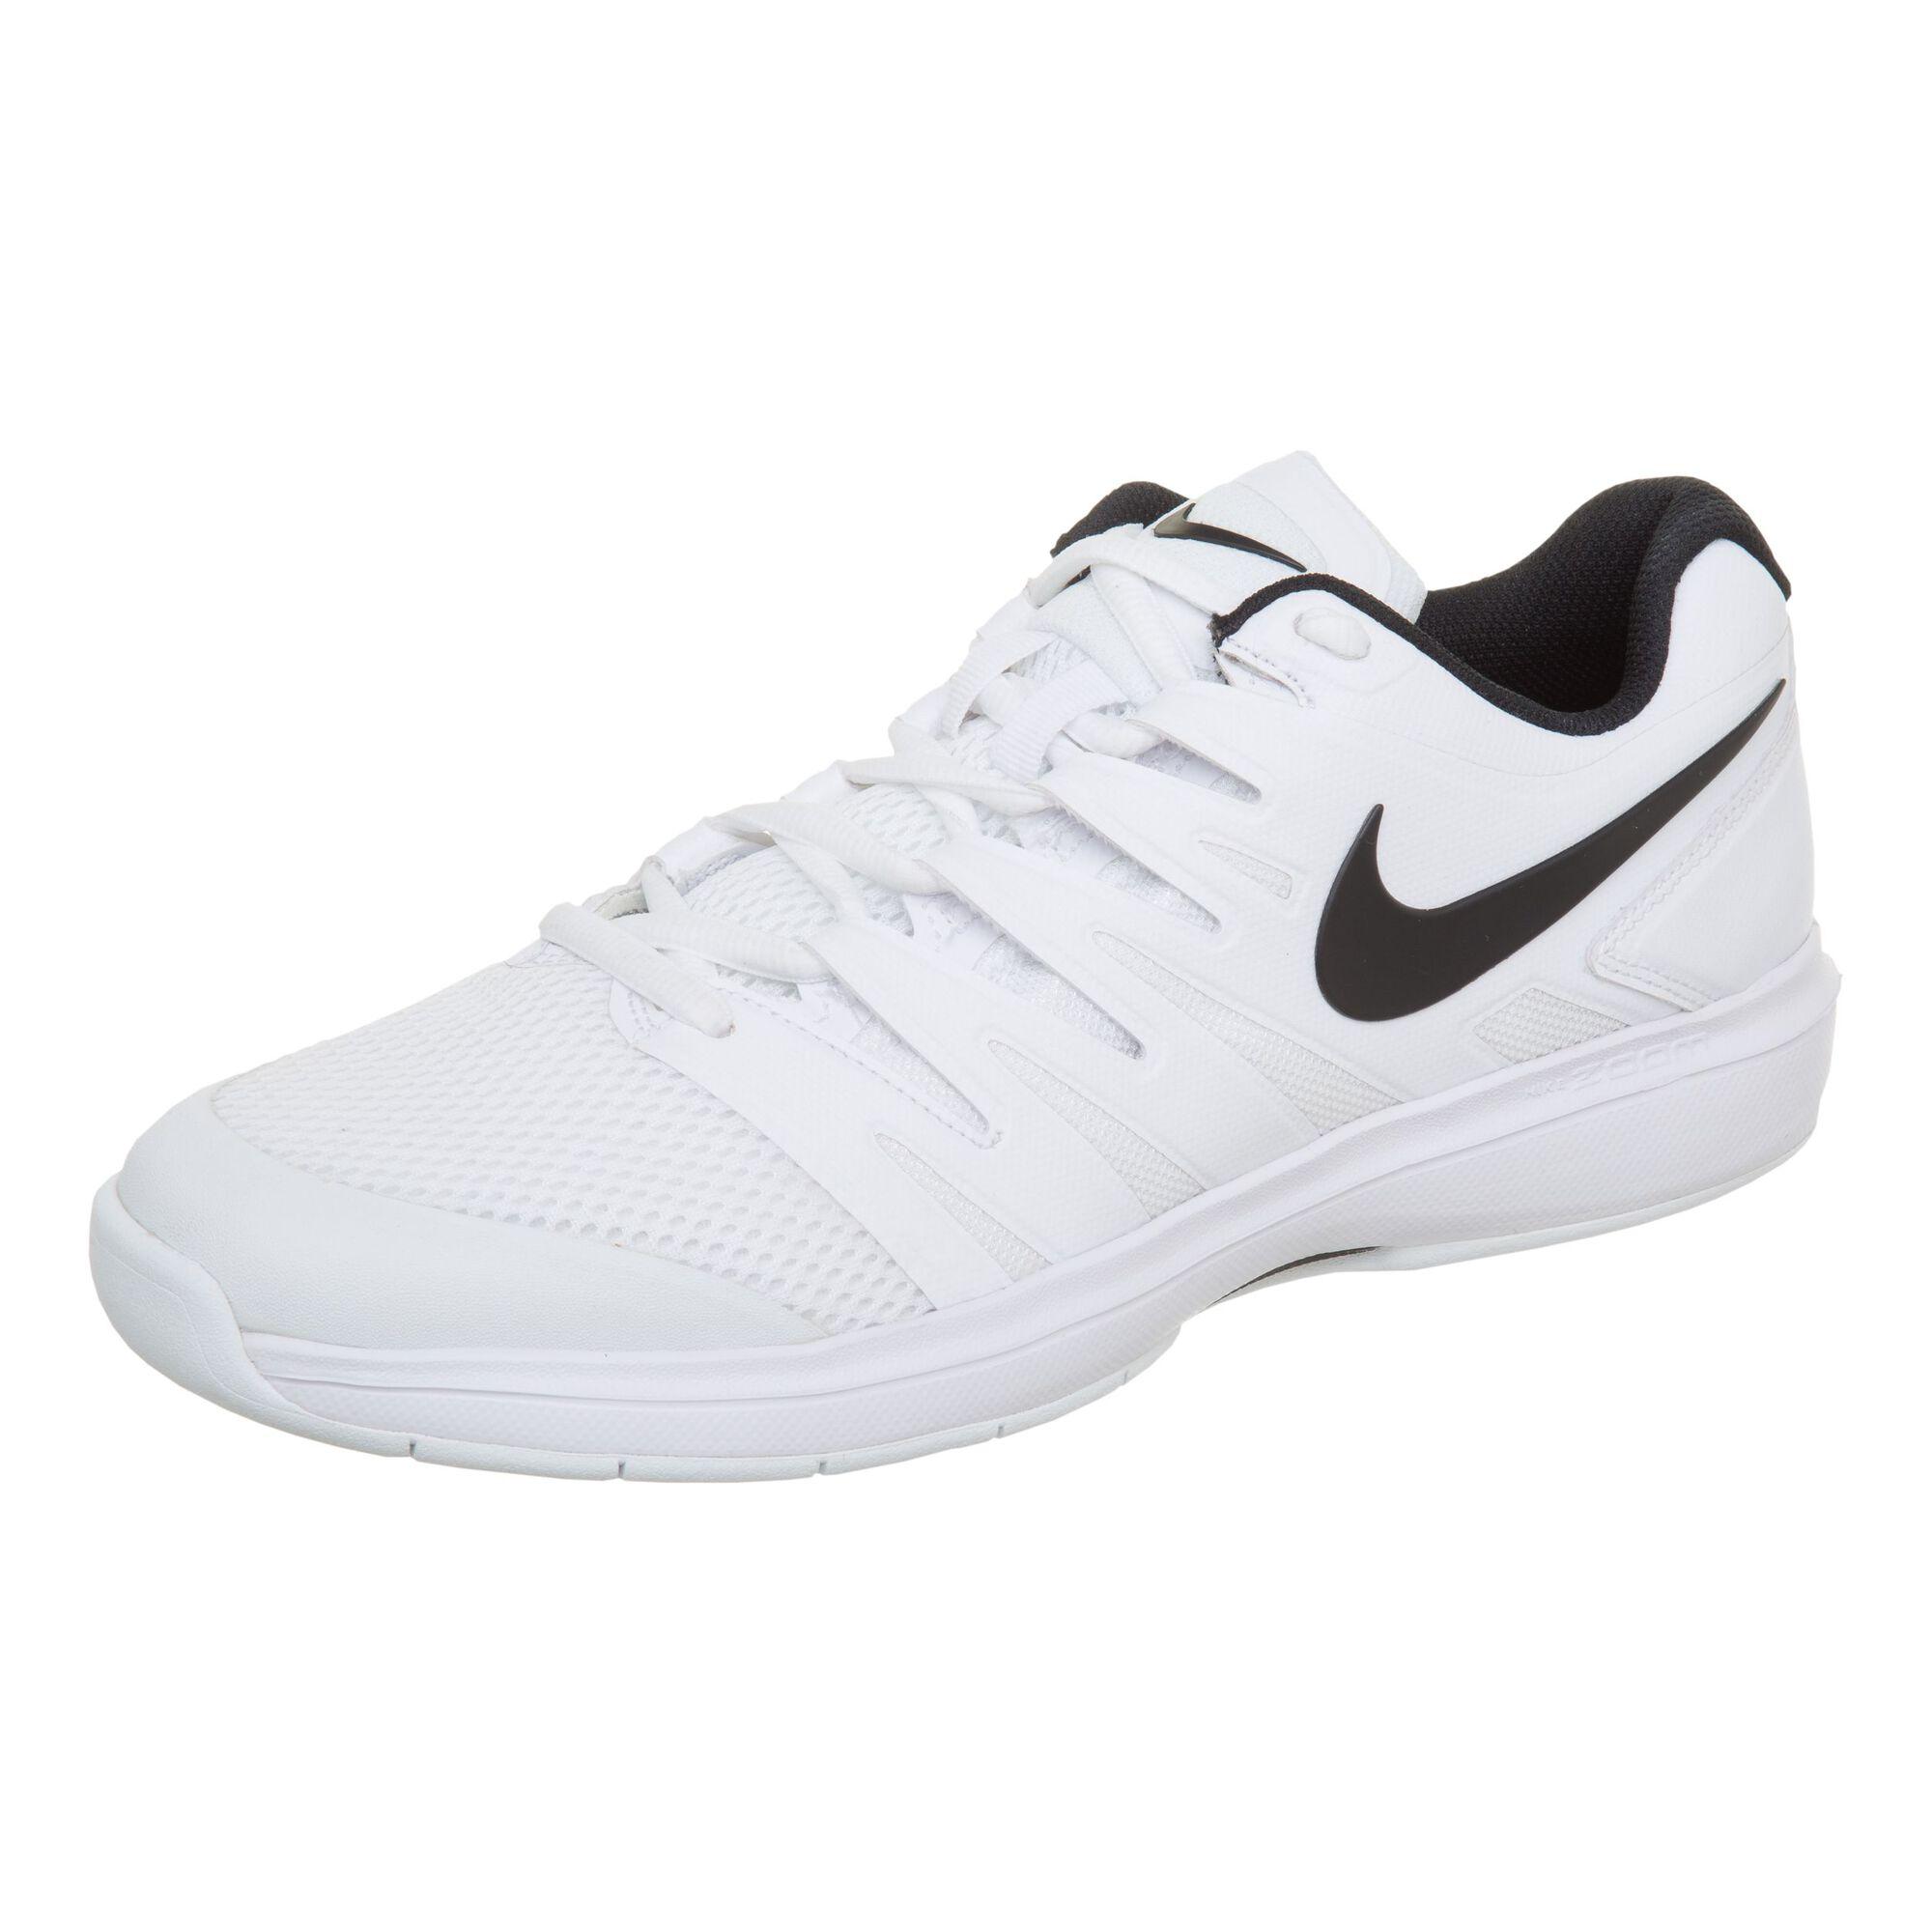 56c9a29d52df1 Nike Air Zoom Prestige Carpet Teppichschuh Kinder - Weiß, Schwarz ...